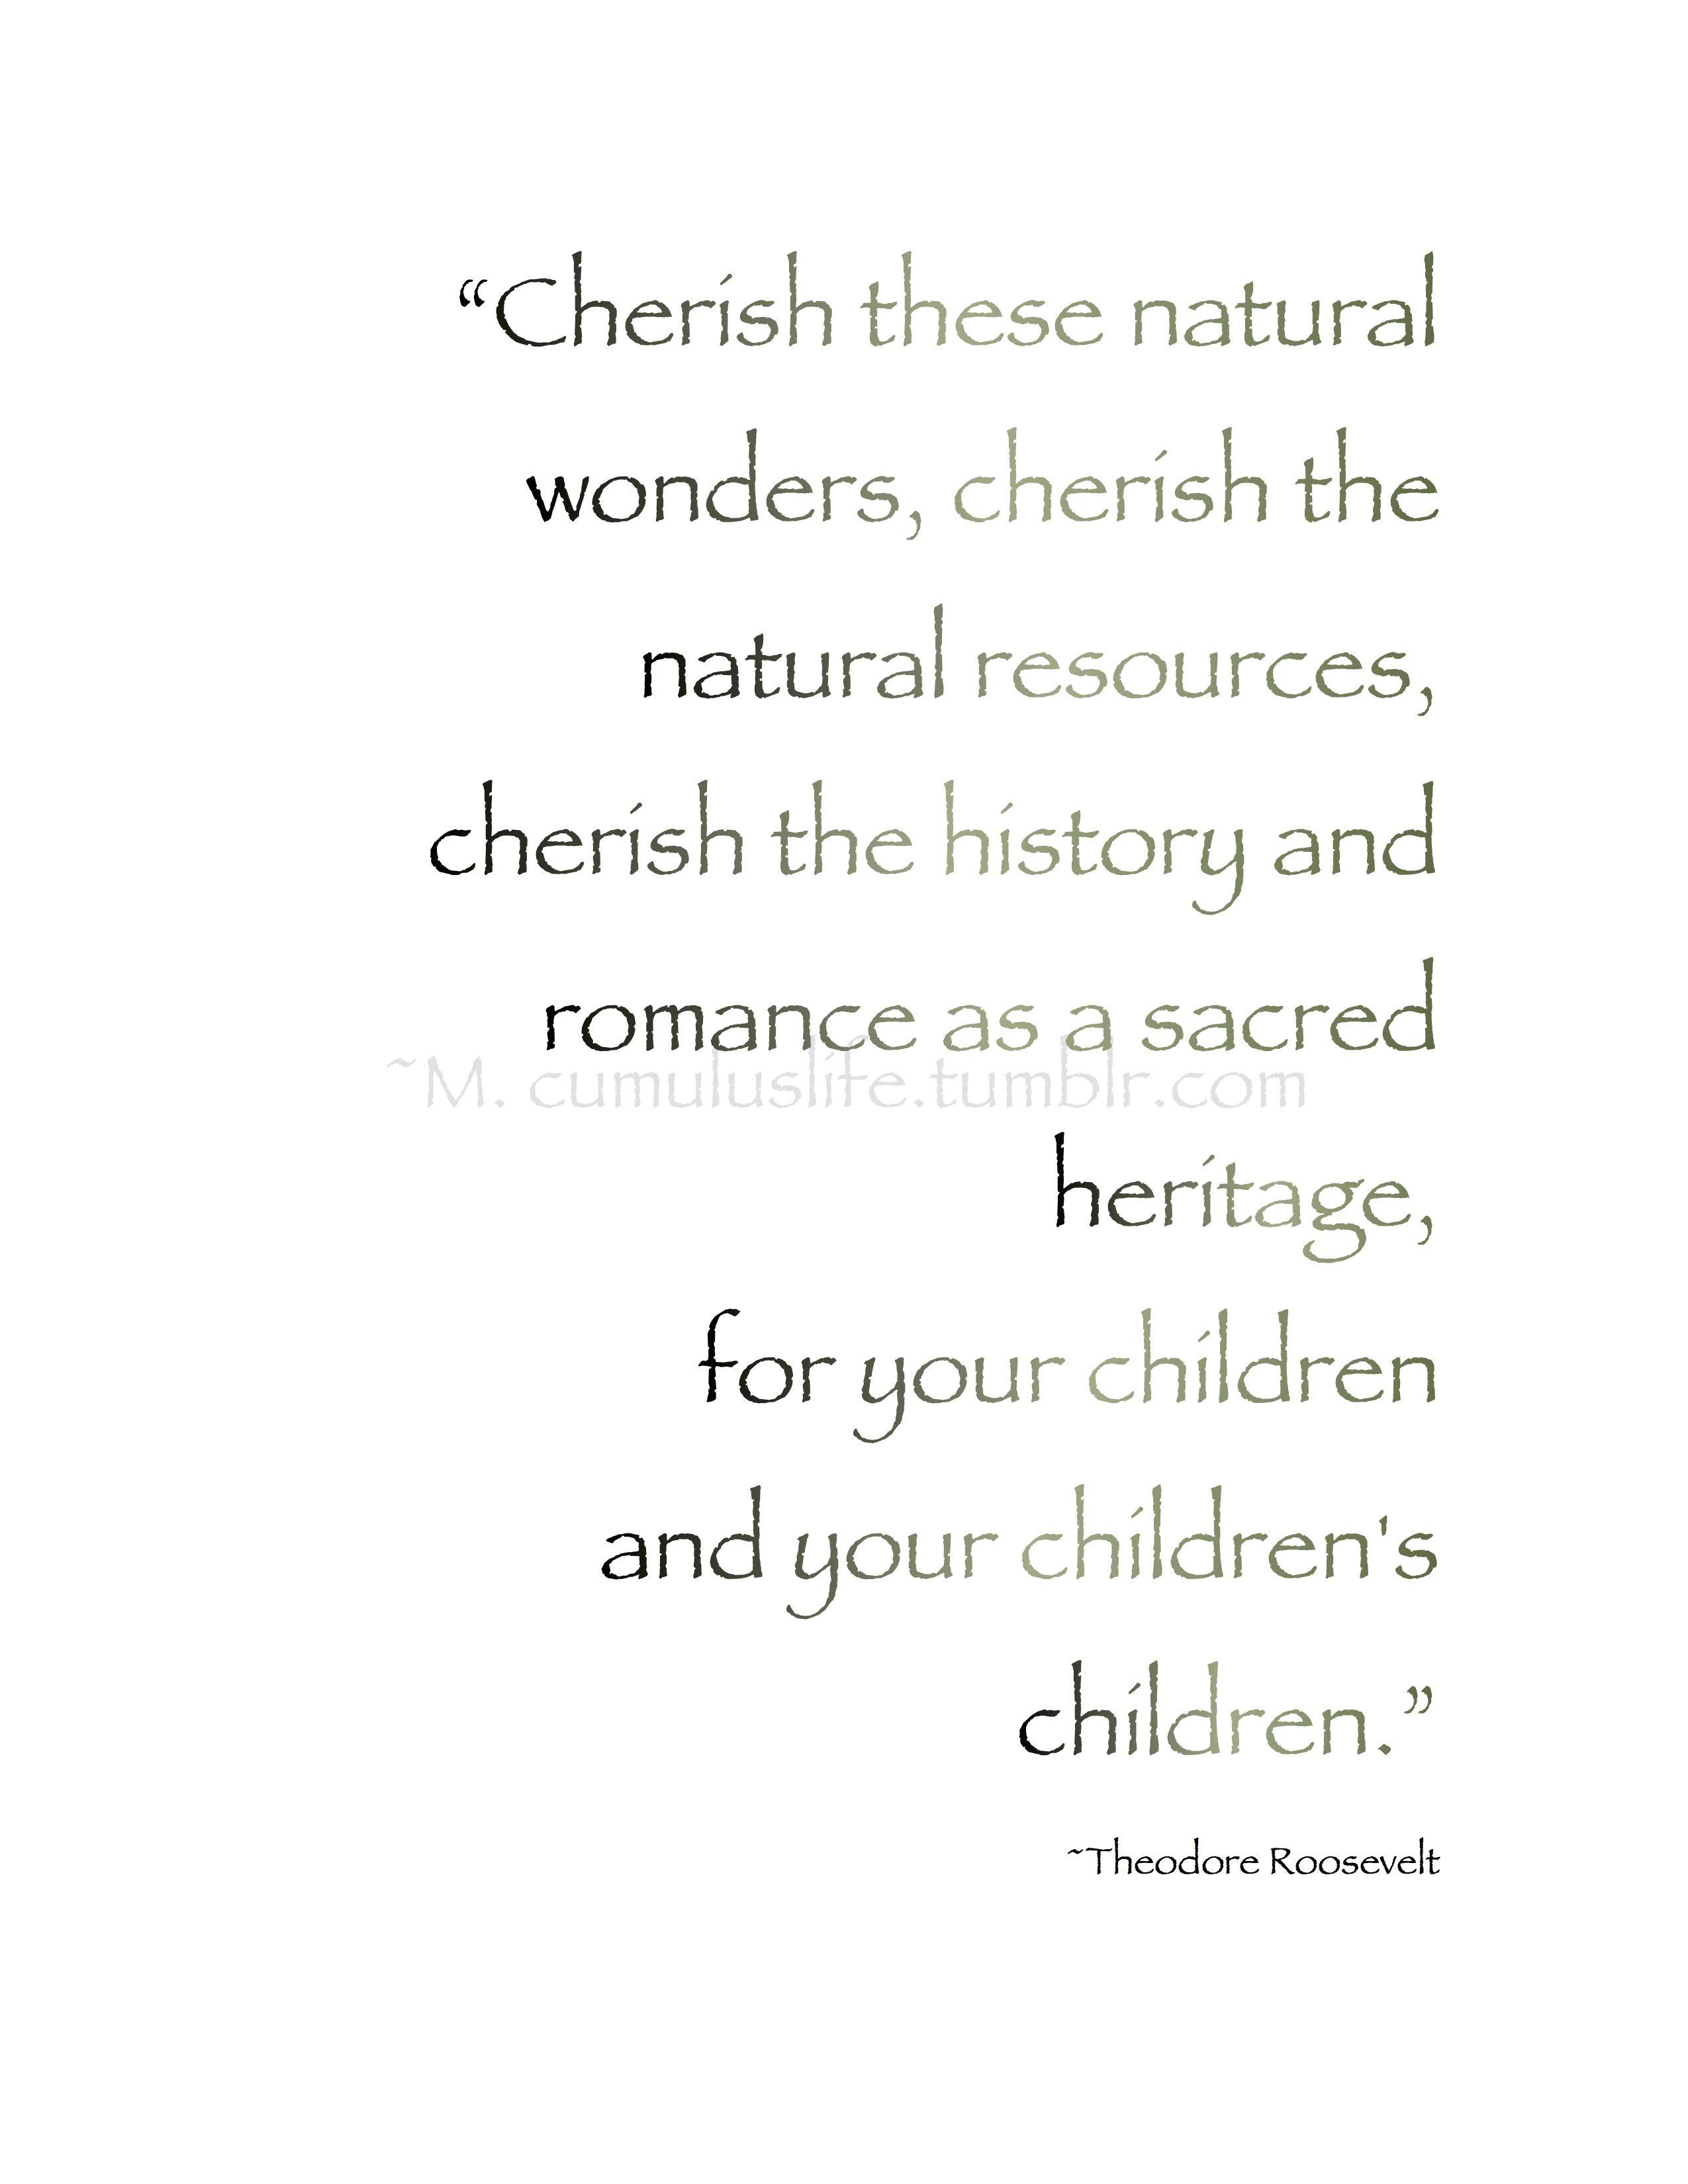 Cherish these natural wonders cherish the natural resources